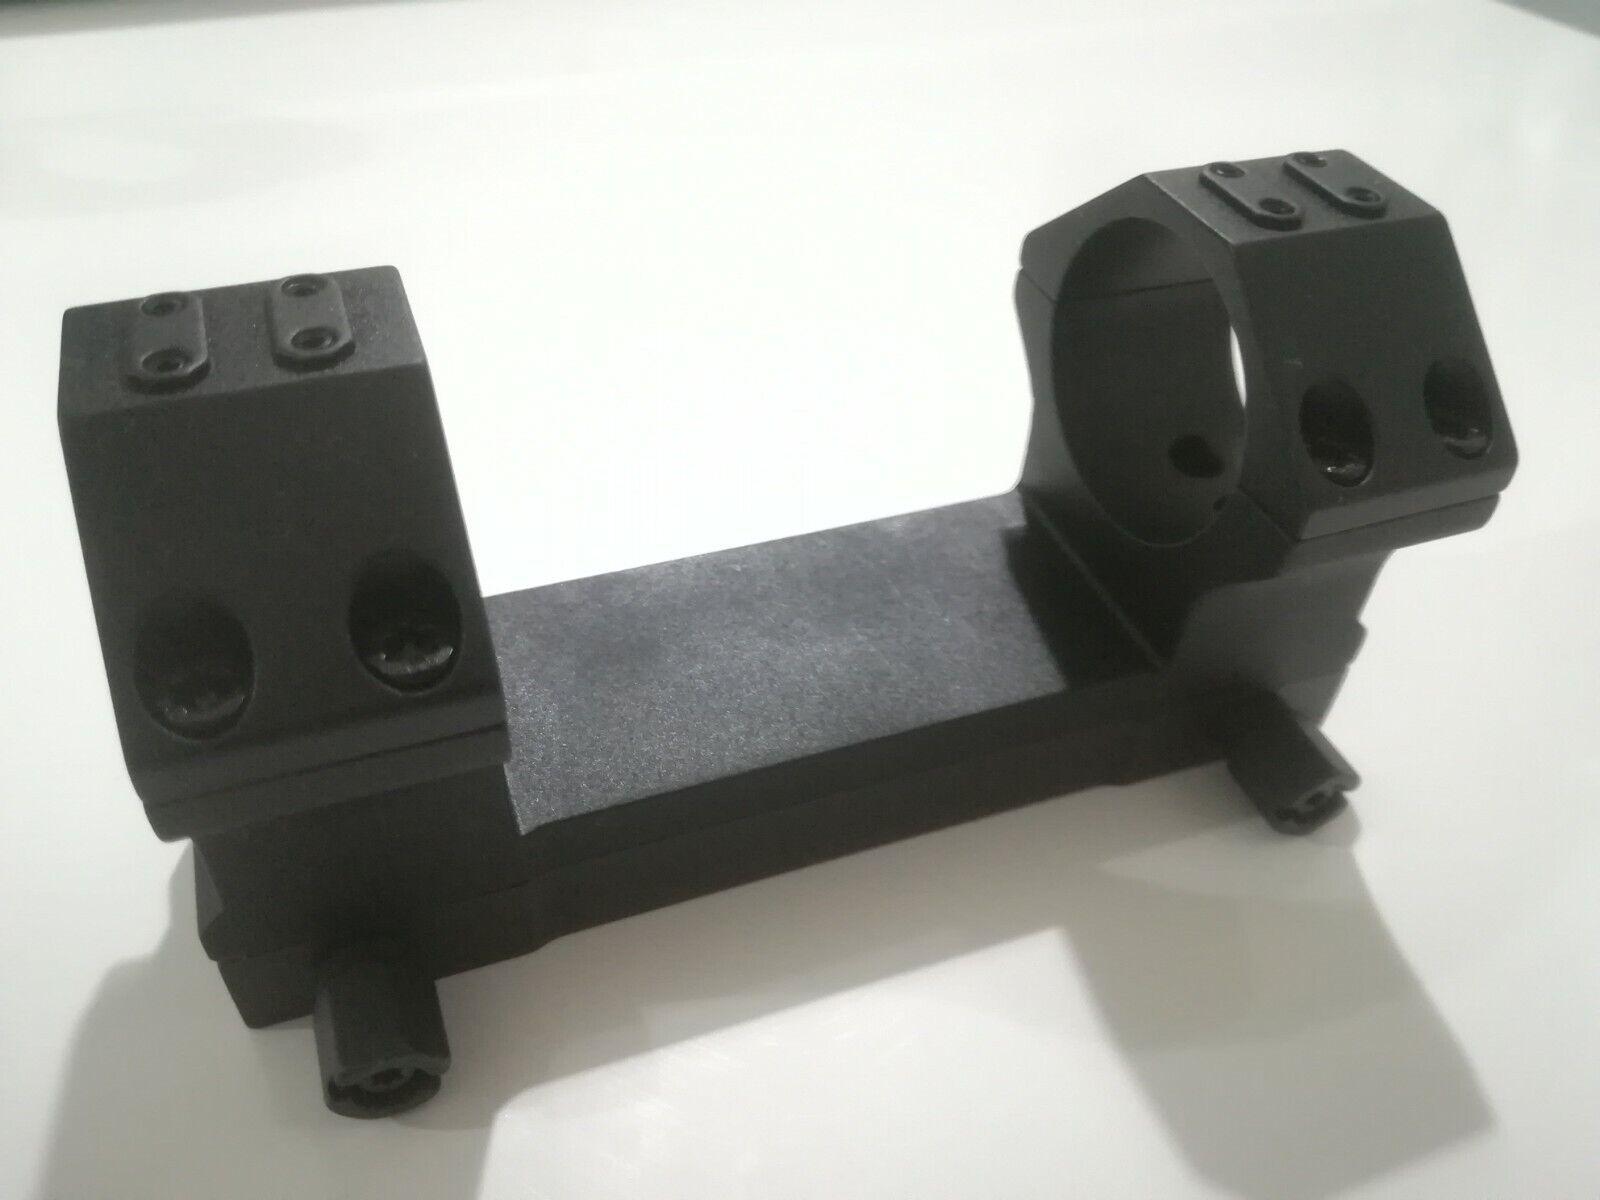 Montajes Alcance Táctico Monoblock Para Riel Picatinny 34mm, 20 Moa